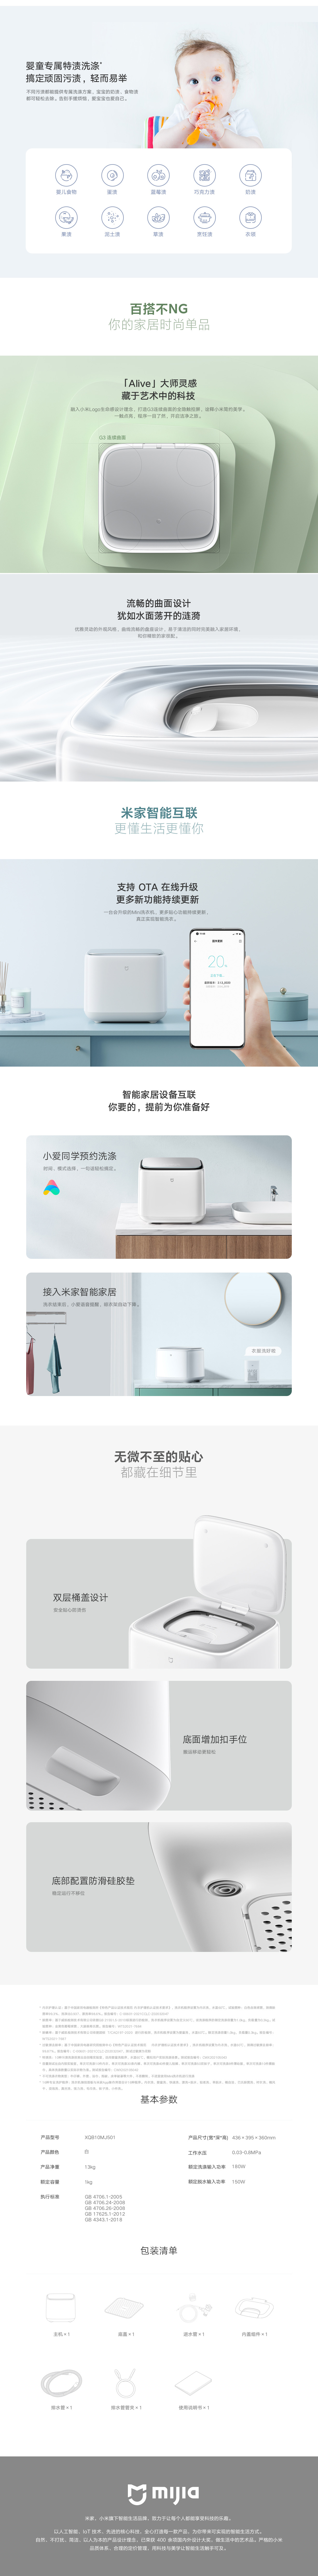 米家洗衣机 mini免费试用,评测